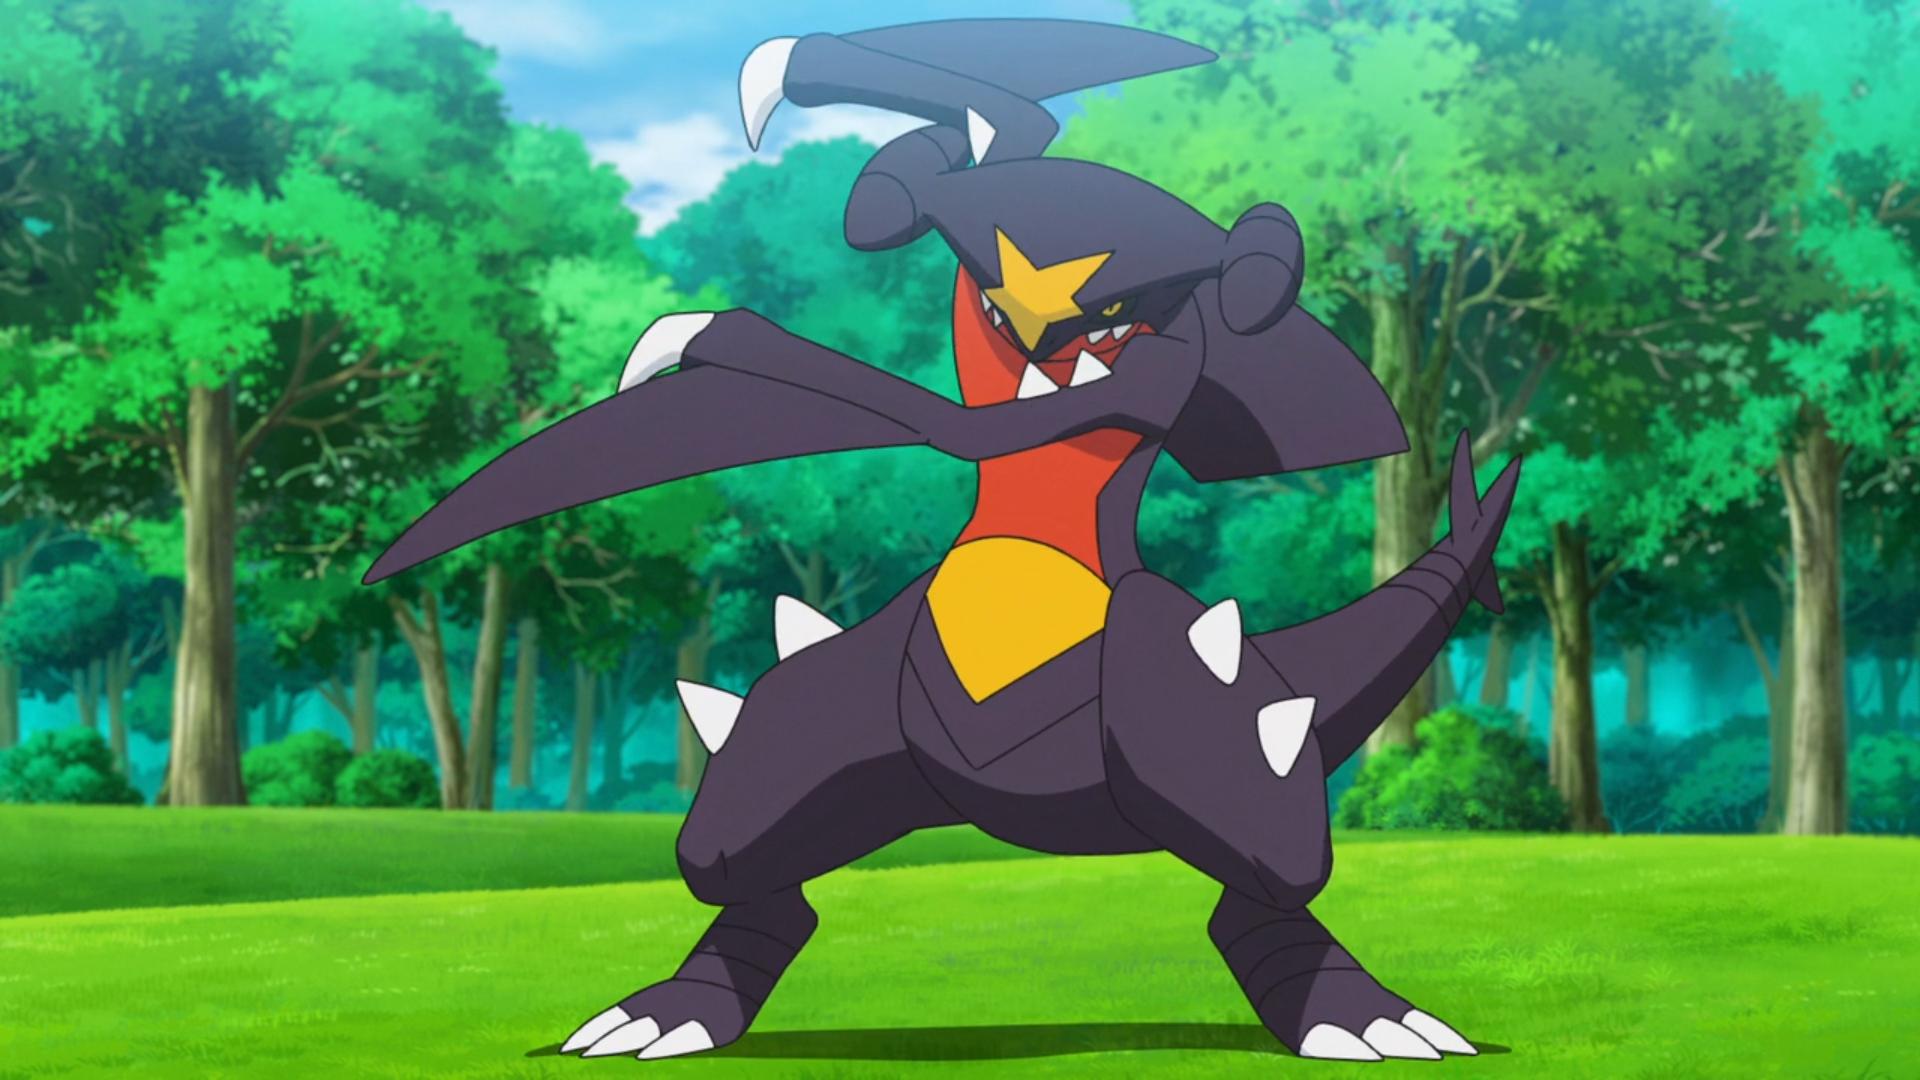 [Sondage] Votre top ~10 des plus beau Pokémons ? - Page 2 Carchacrok_de_Cynthia